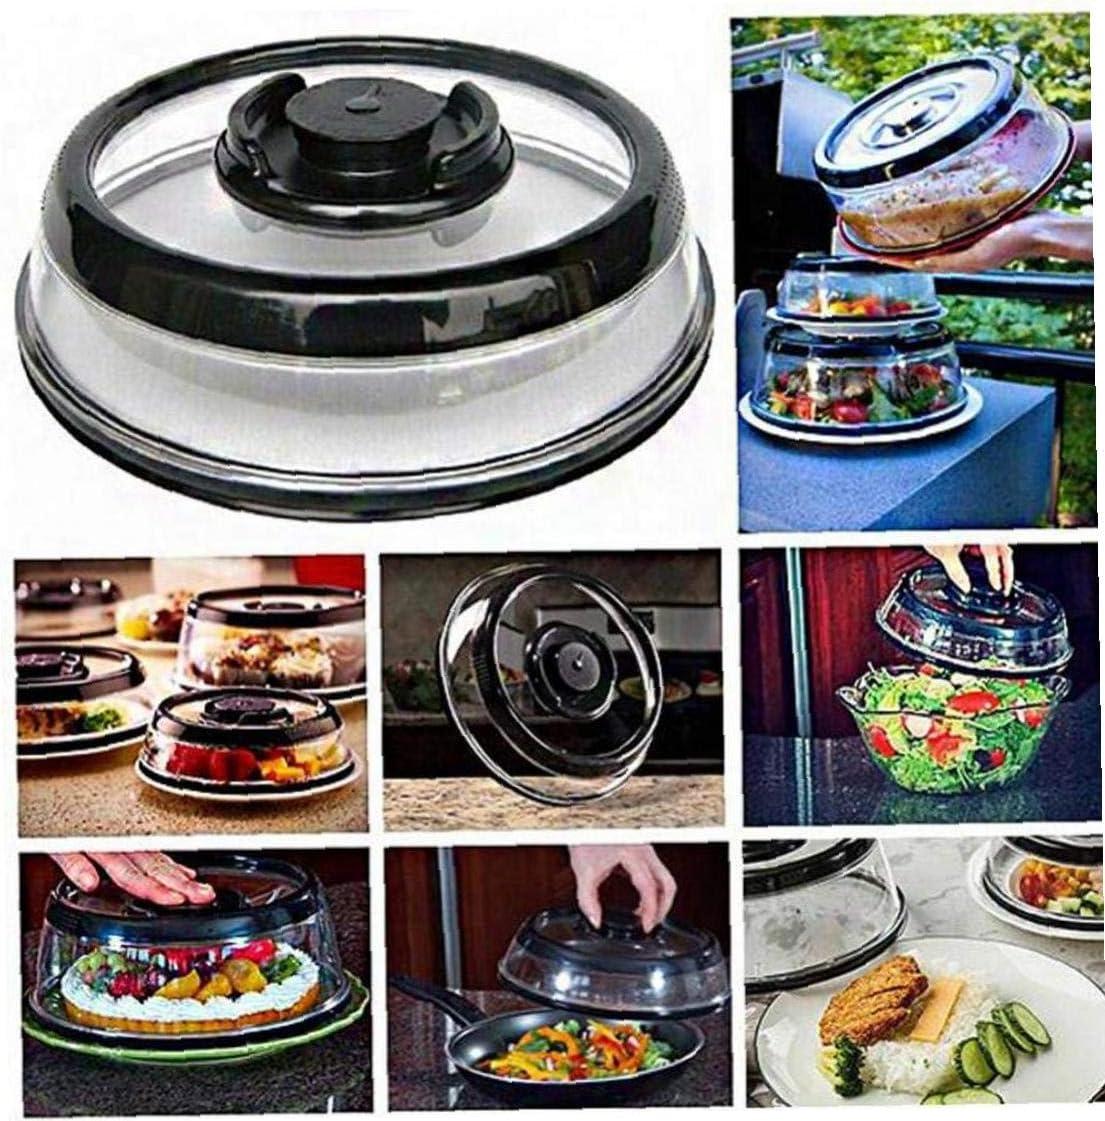 Zonfer Vakuum Frisch Sealer Luftdicht-nahrungsmittelbeh/älter-Platte Platter Teller Abdeckung K/üche Sofort Werkzeuge